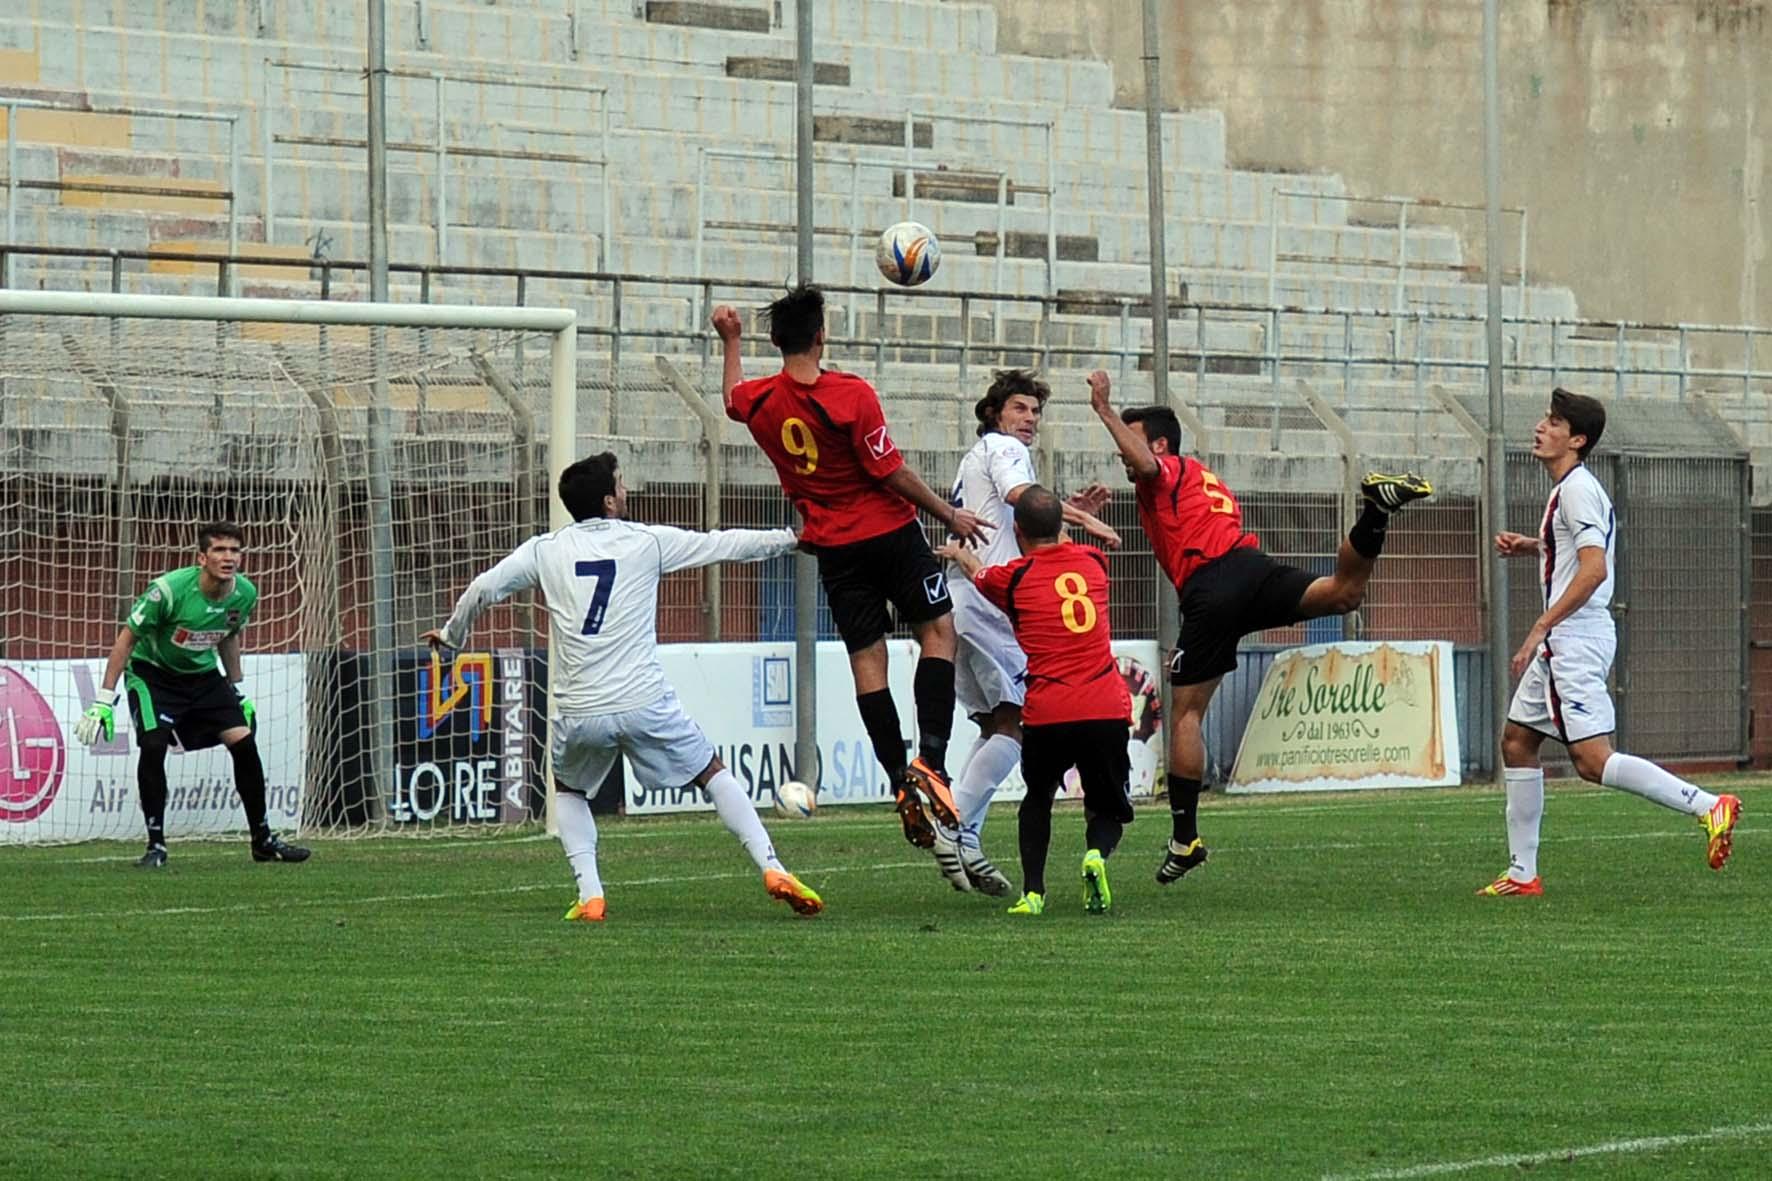 Serie-D-Girone-I-risultati-e-classifica-30ª-giornata